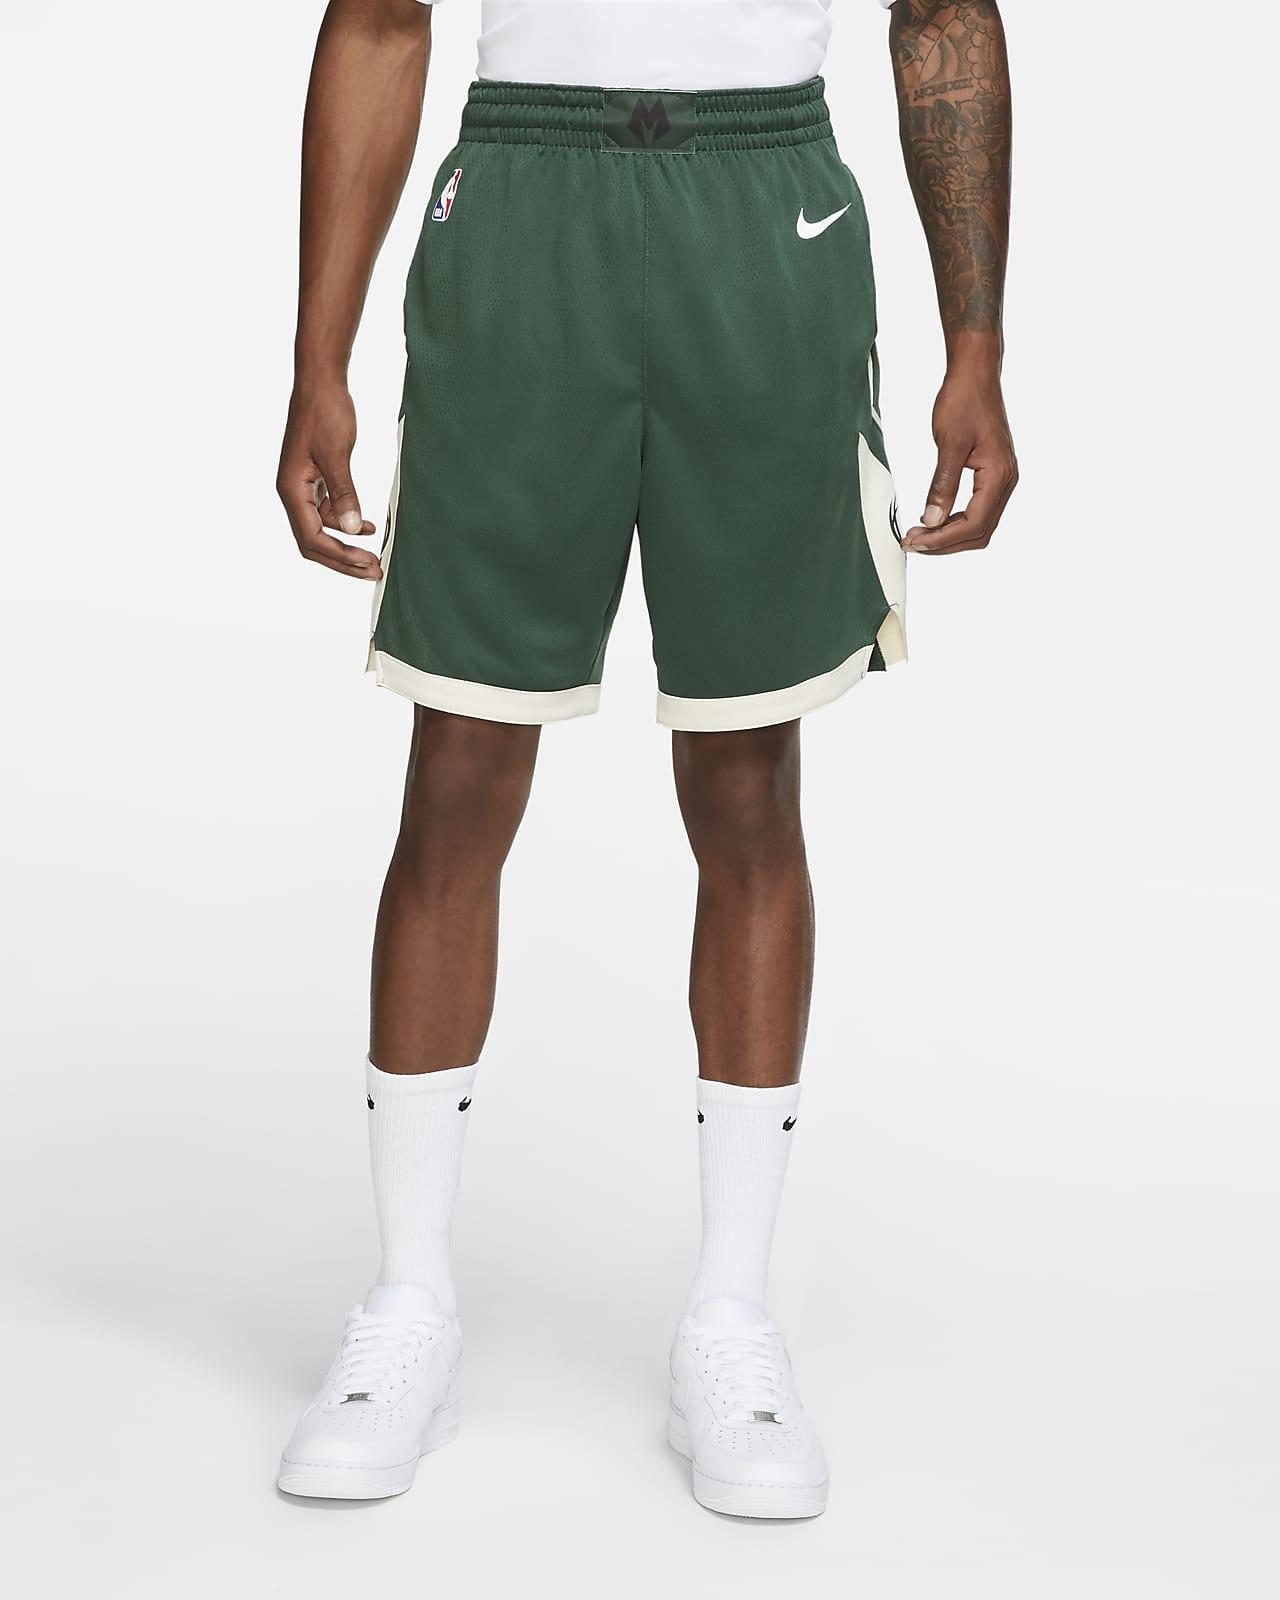 Calções NBA Chicago Bulls Nike Association Edition Swingman para homem